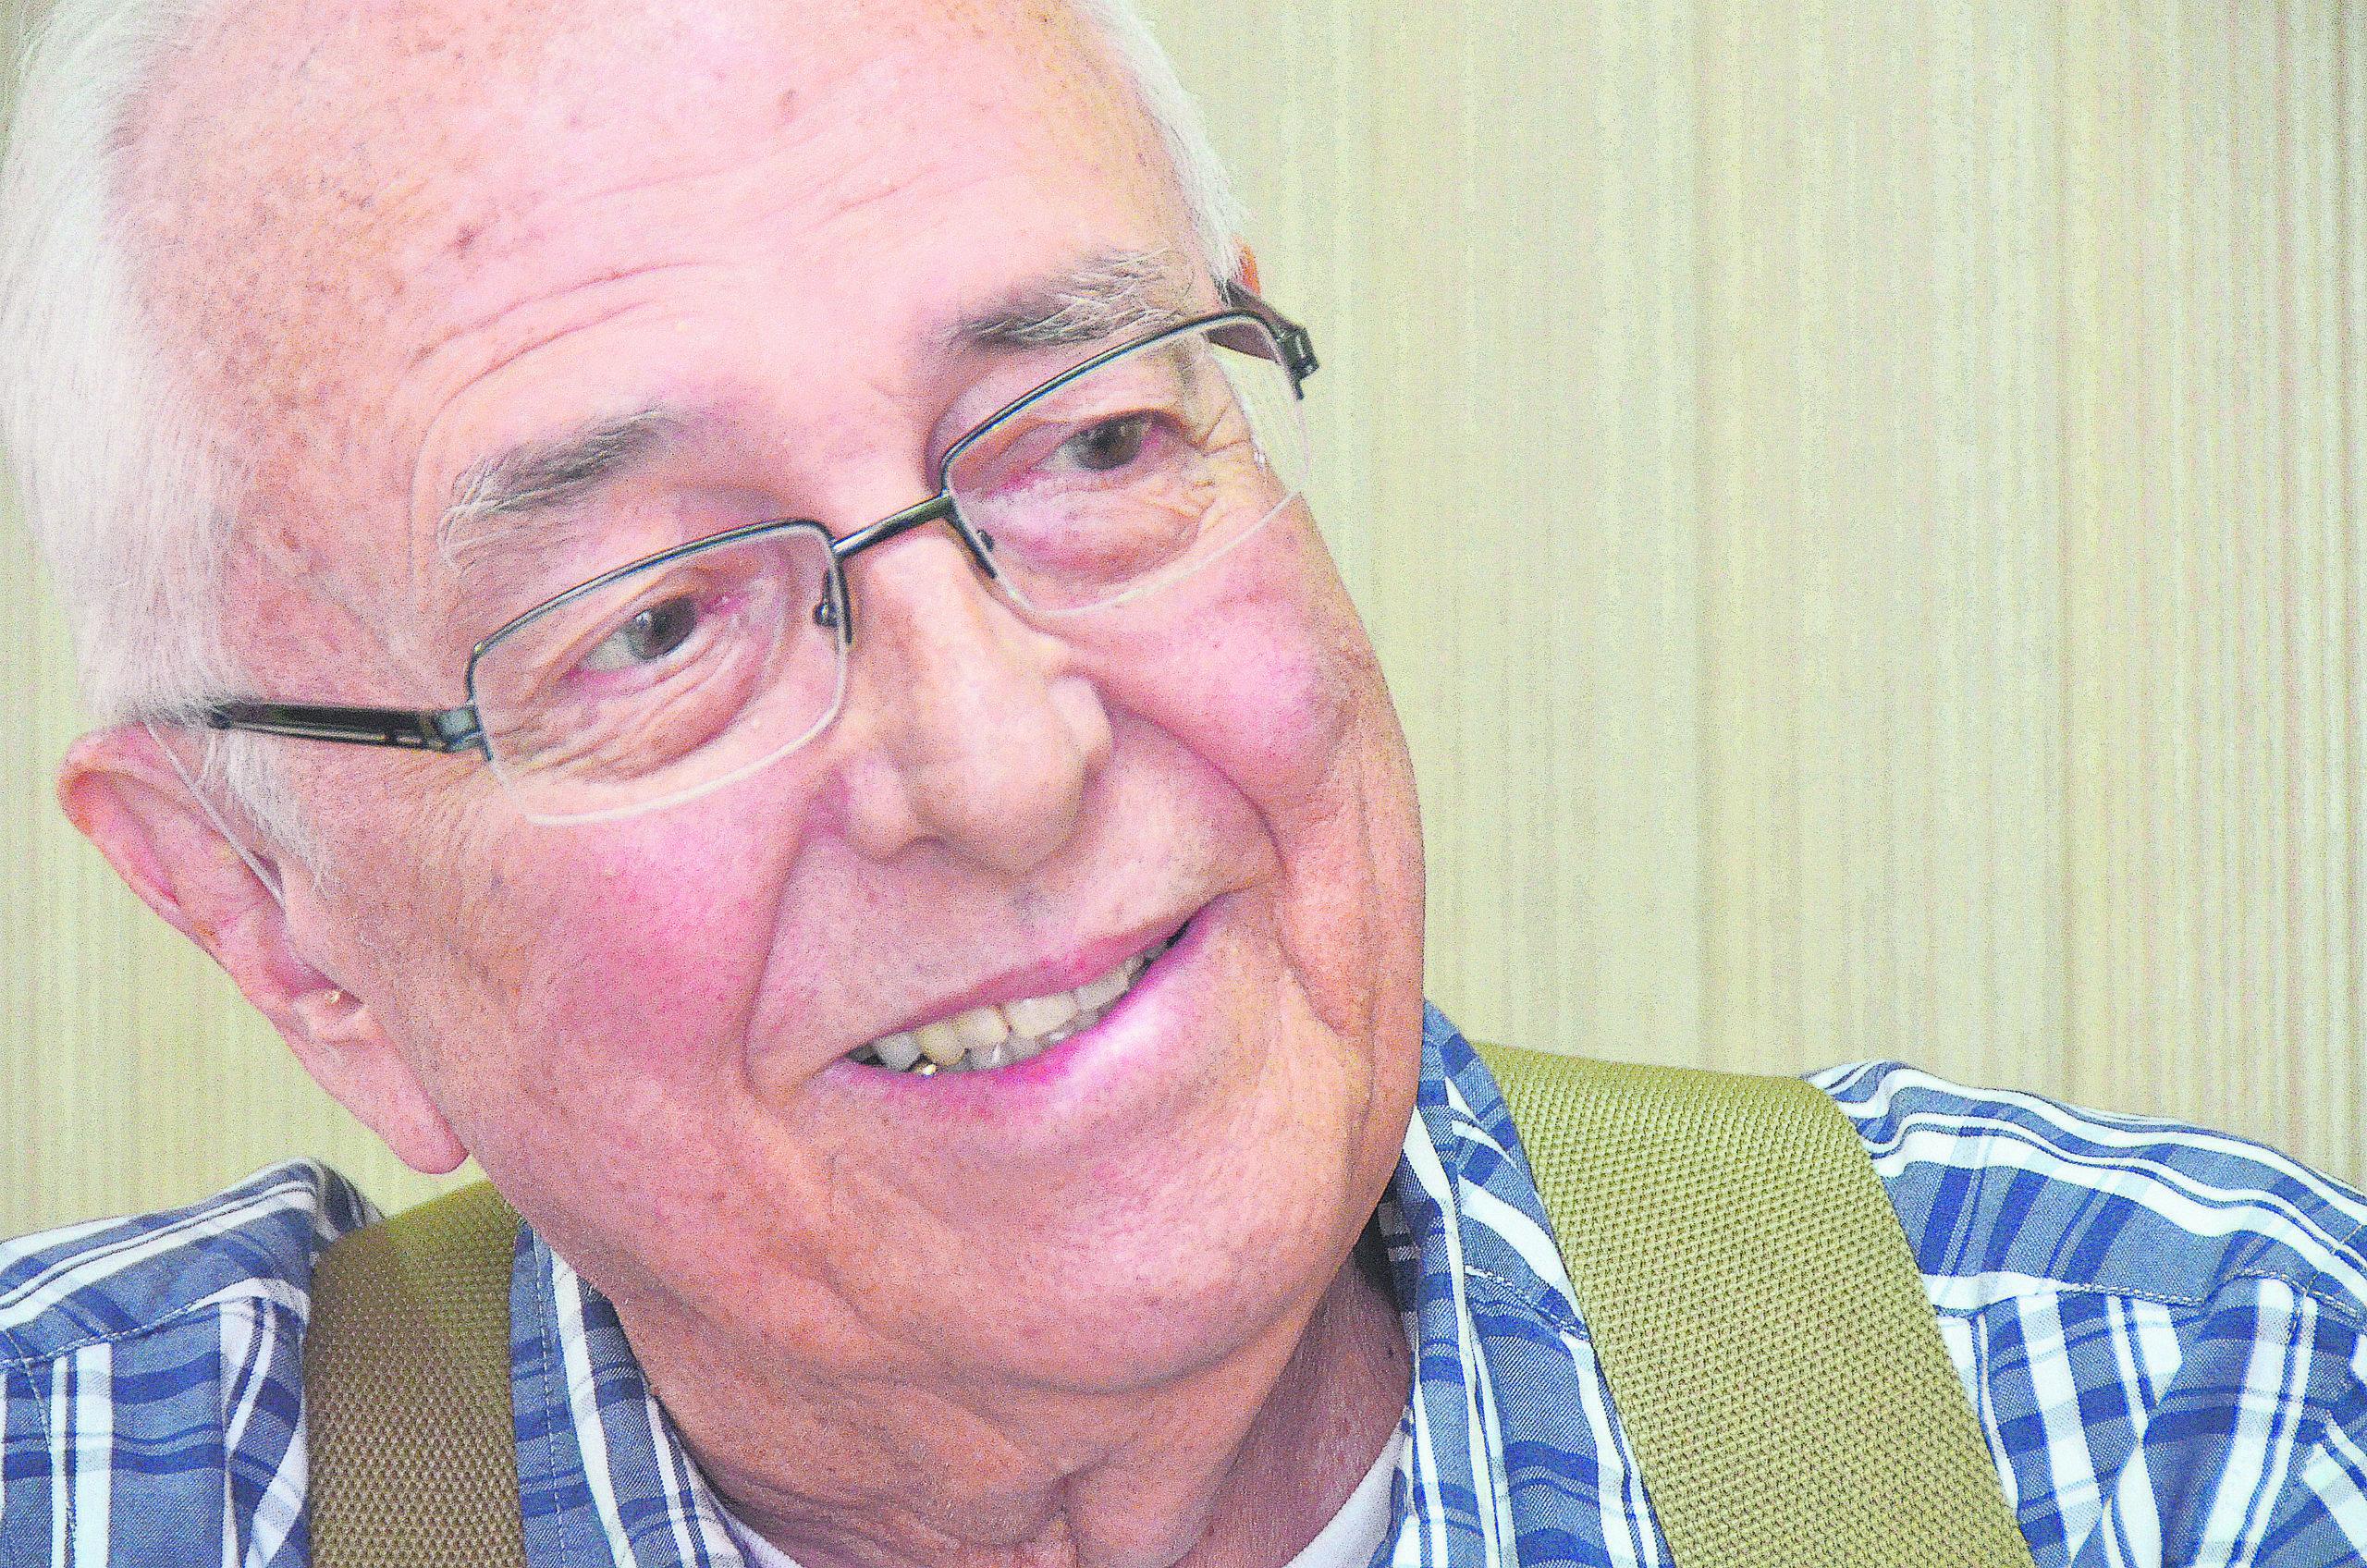 El gremio de ingenieros está de luto por el fallecimiento de Augusto Ramírez Barrera